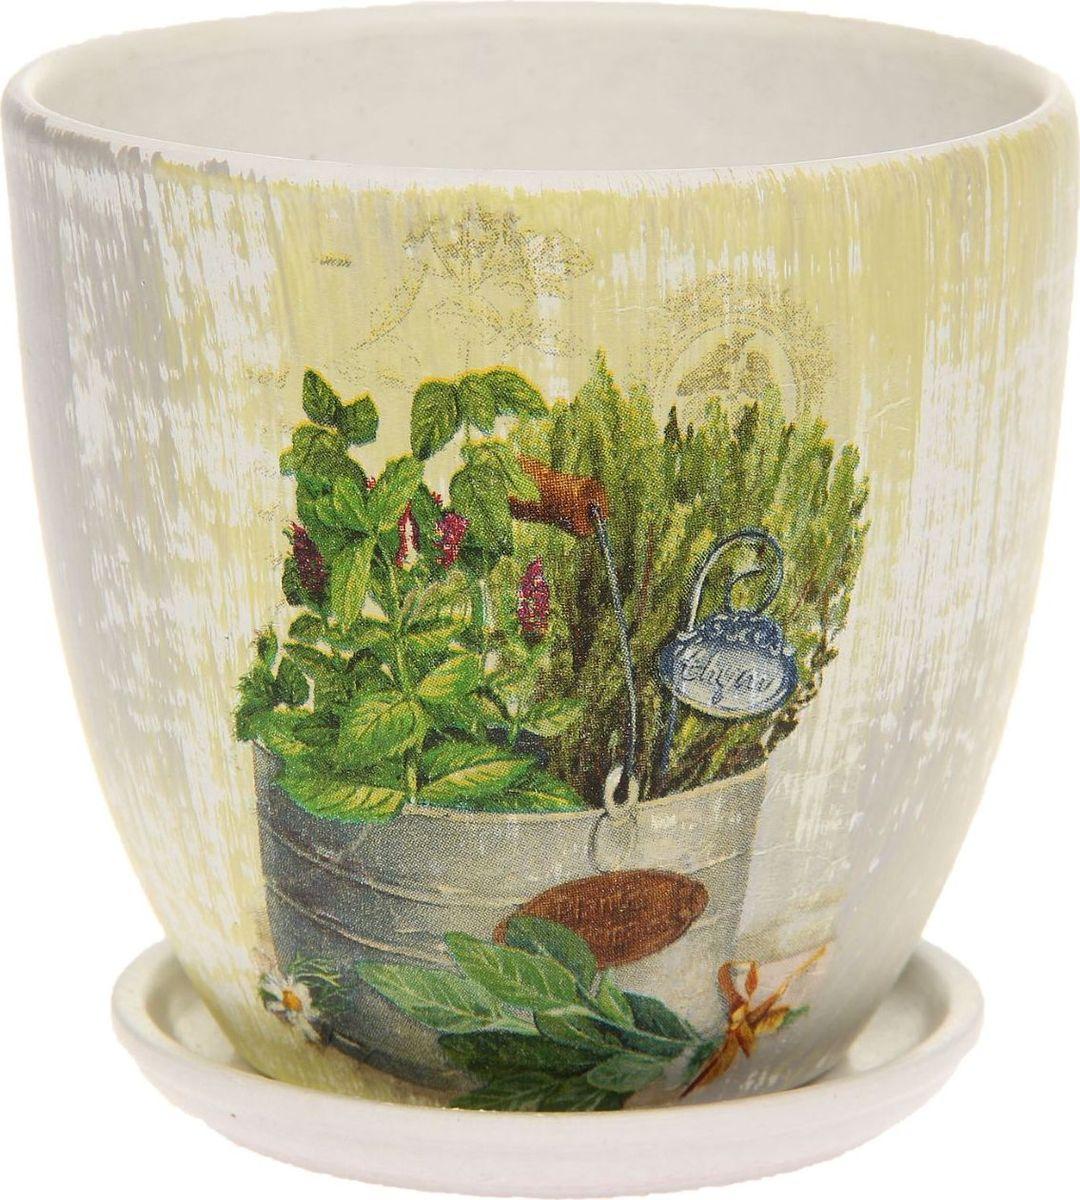 Кашпо Прованс, поддоном, цвет: белый, 0,8 л1138682Комнатные растения - всеобщие любимцы. Они радуют глаз, насыщают помещение кислородом и украшают пространство. Каждому из растений необходим свой удобный и красивый дом.Поселите зелёного питомца в яркое и оригинальное кашпо Прованс. Кашпо Прованс позаботится о растении, украсит окружающее пространство и подчеркнёт его оригинальный стиль. Объем: 0,8 л.